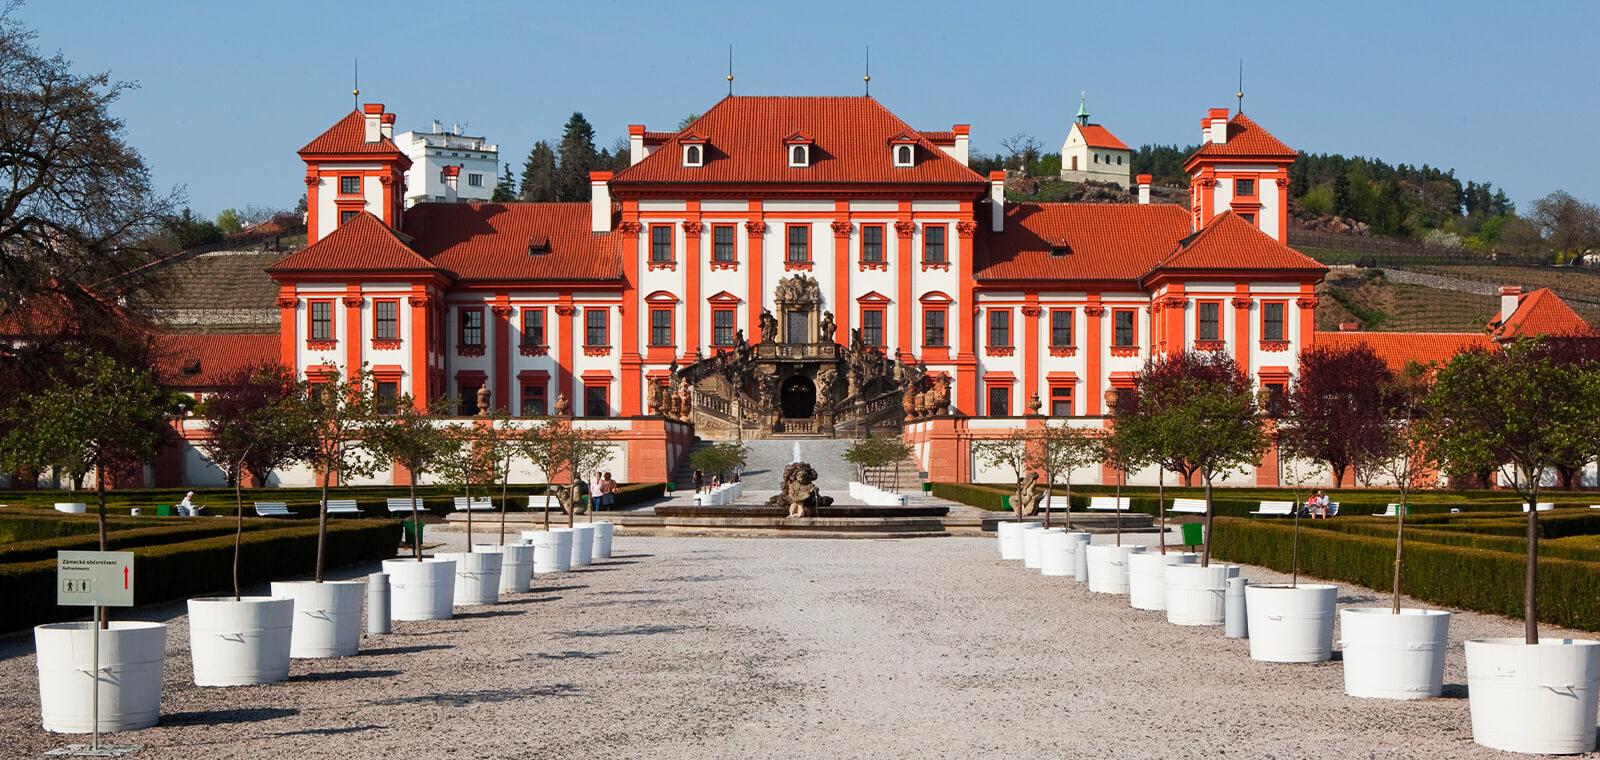 Praha-zamek-Troja-teaser-01.jpg